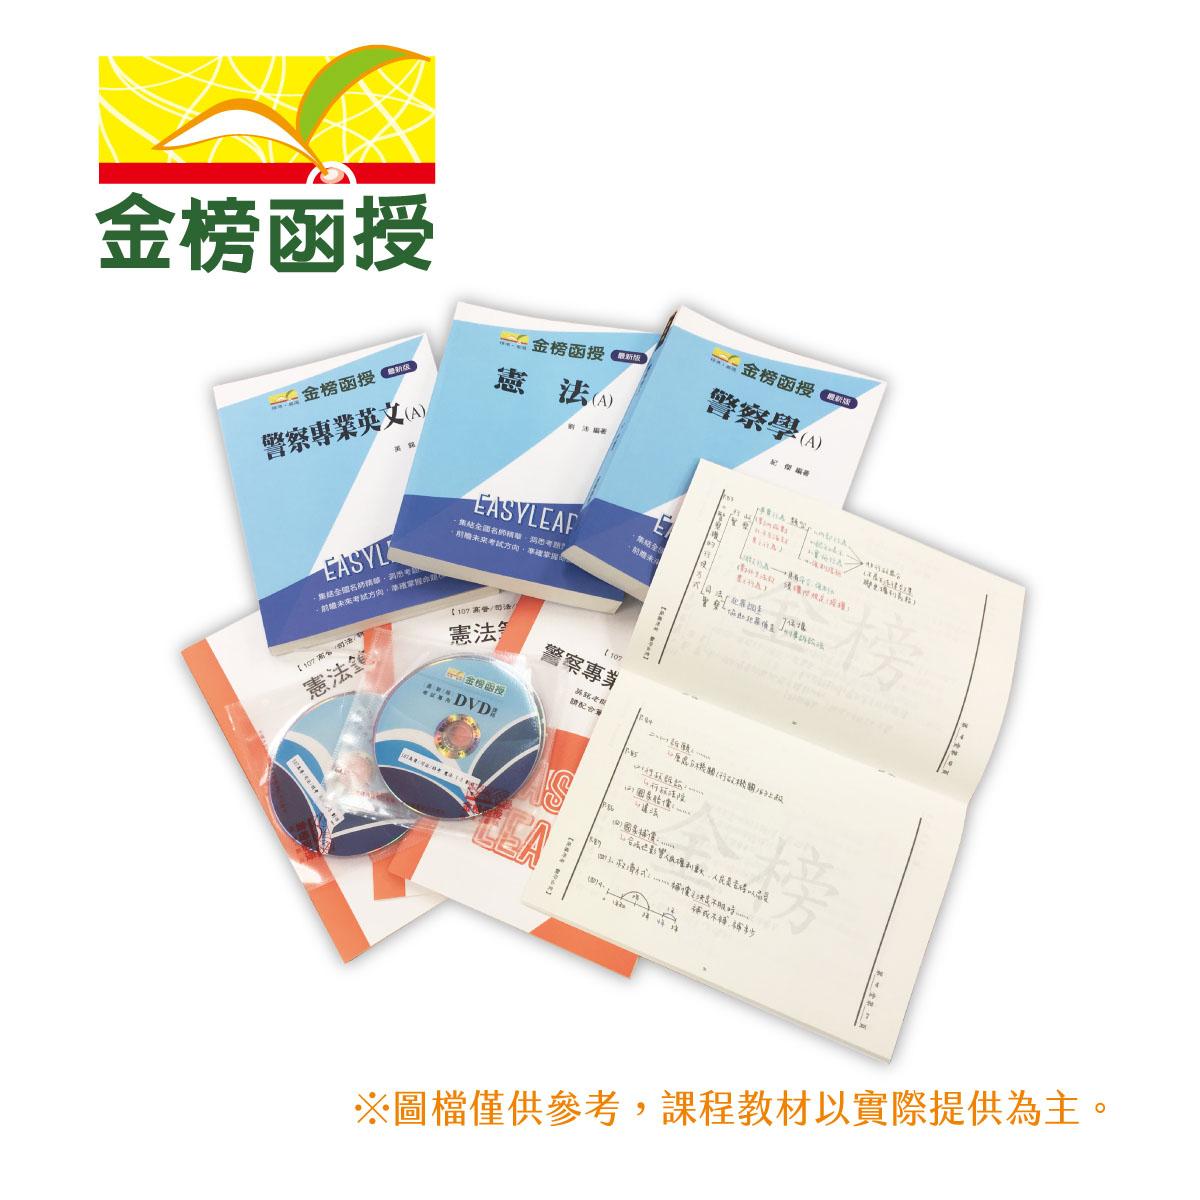 107金榜函授/行政法主题/行政法主题式/单科/云端/第22回/孙权